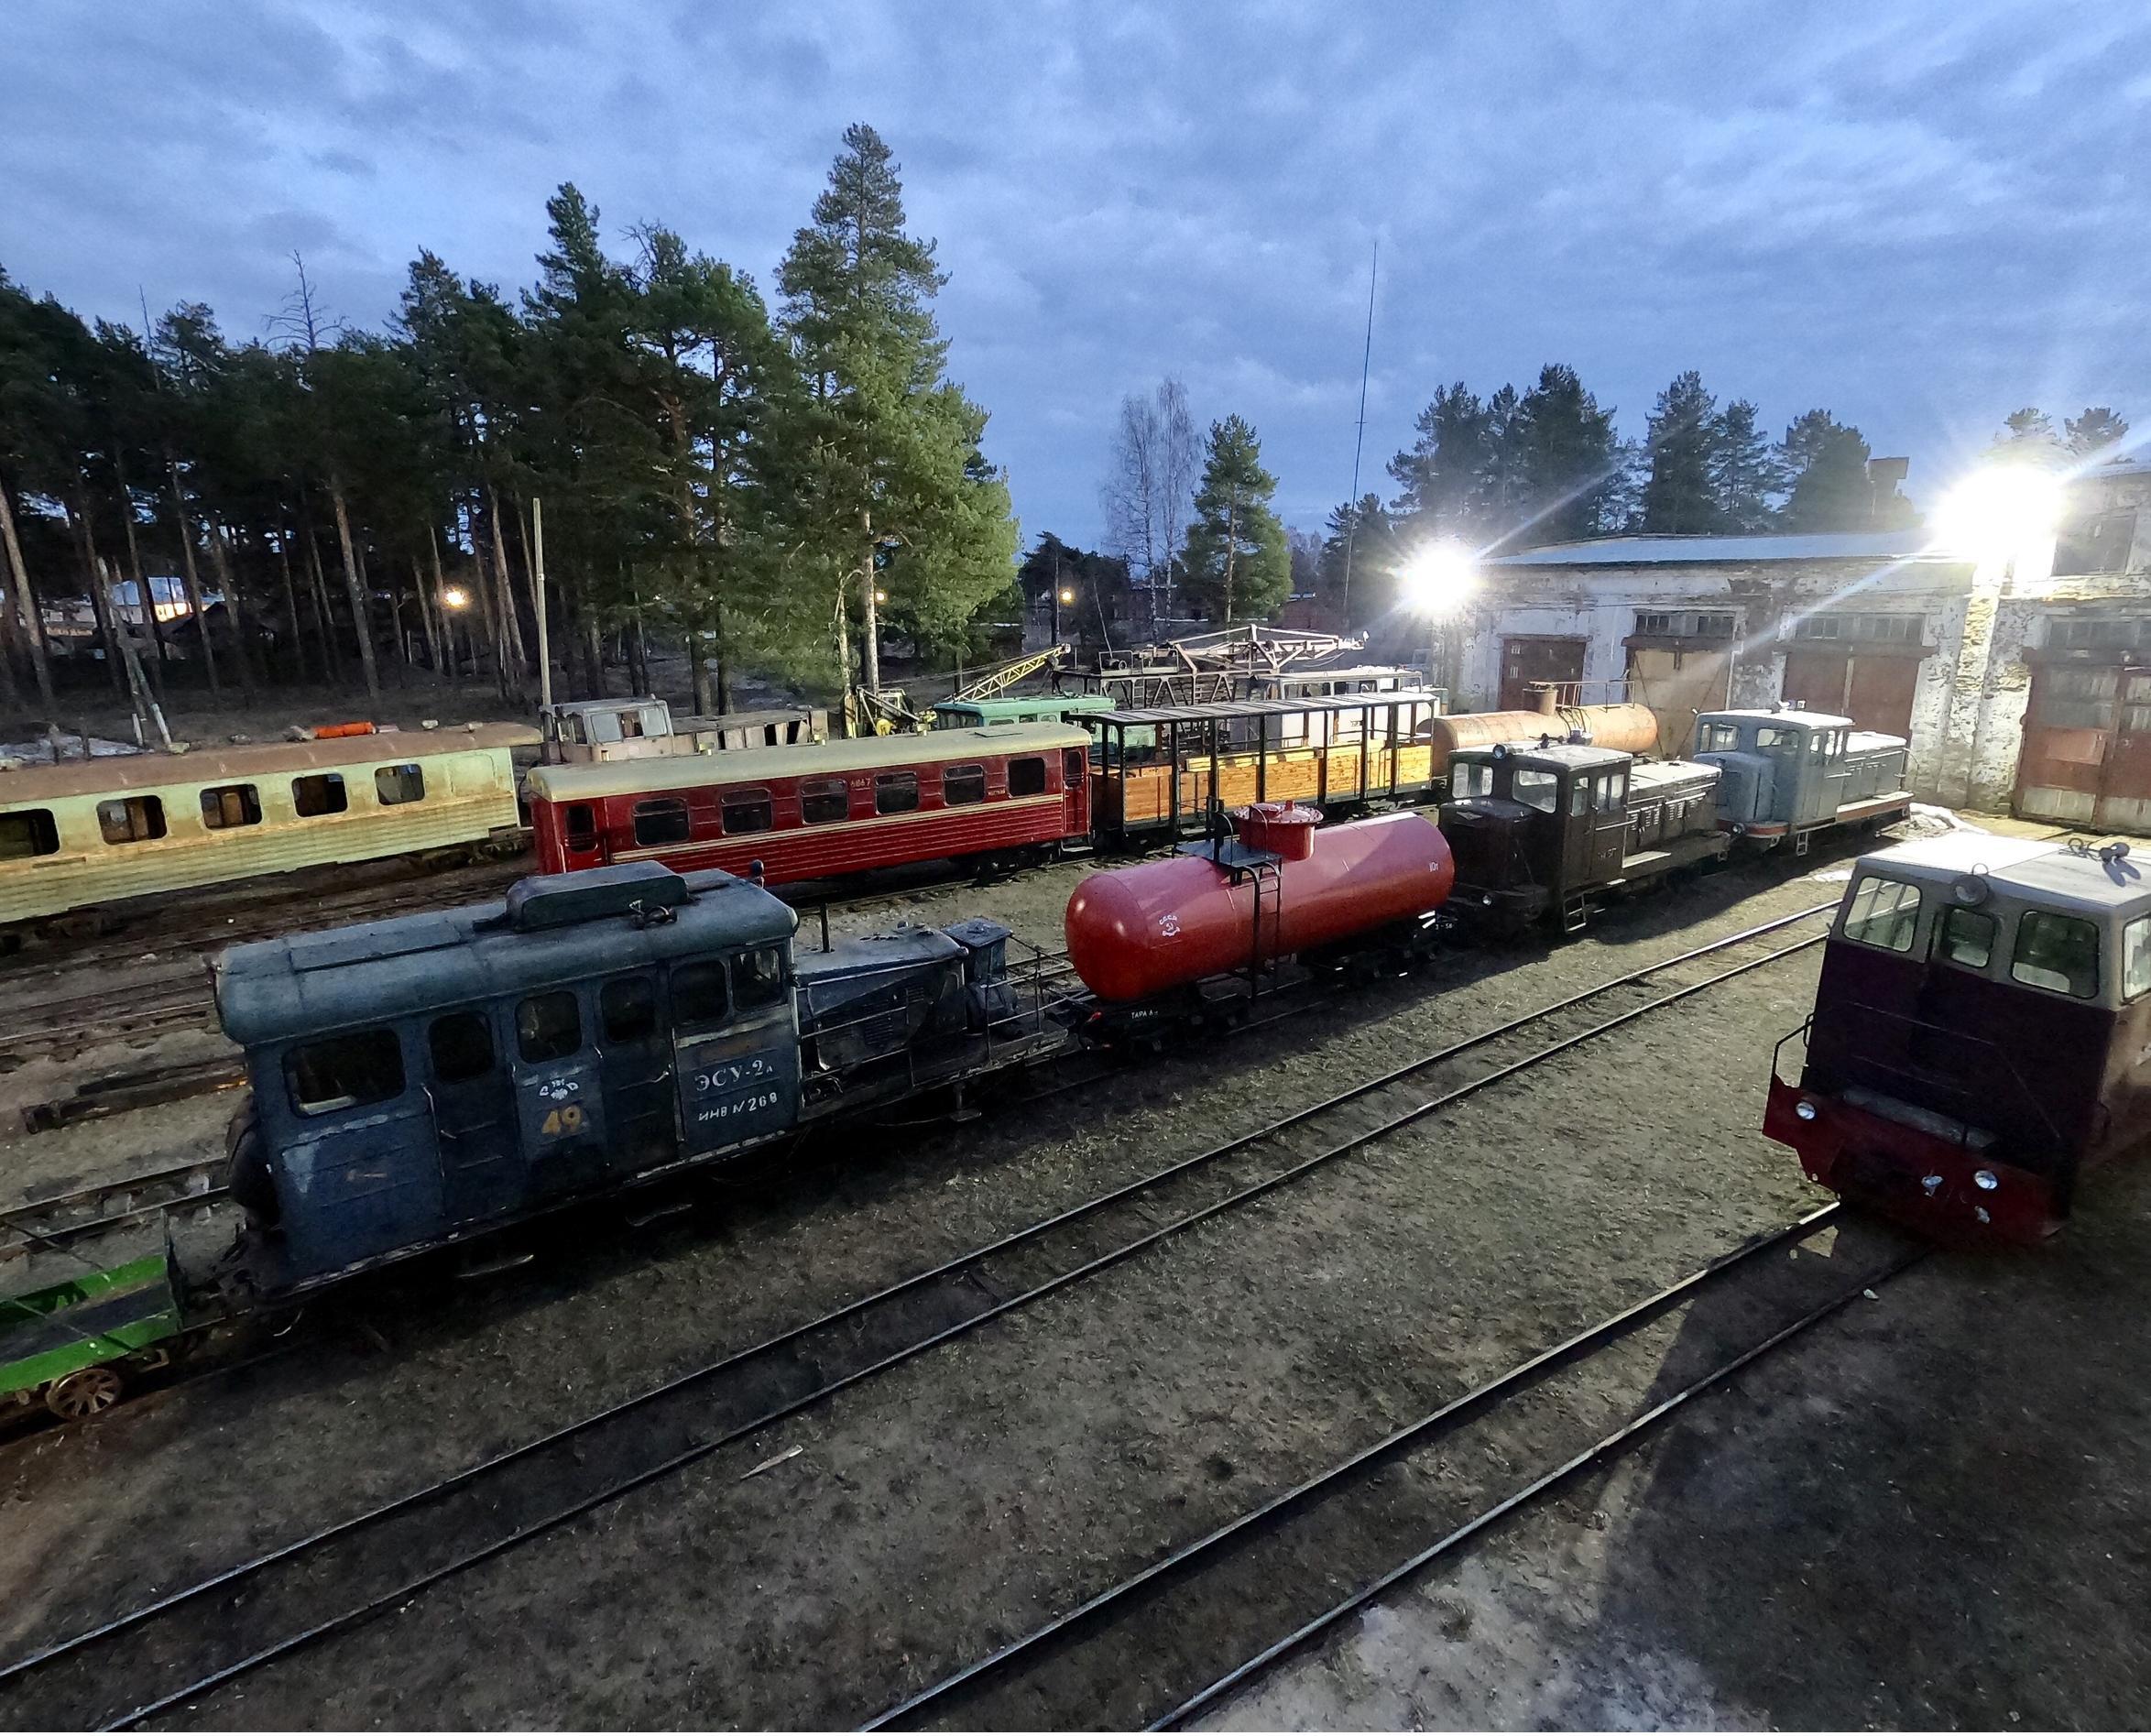 Впервые в истории Музей железной дороги будет принимать посетителей ночью